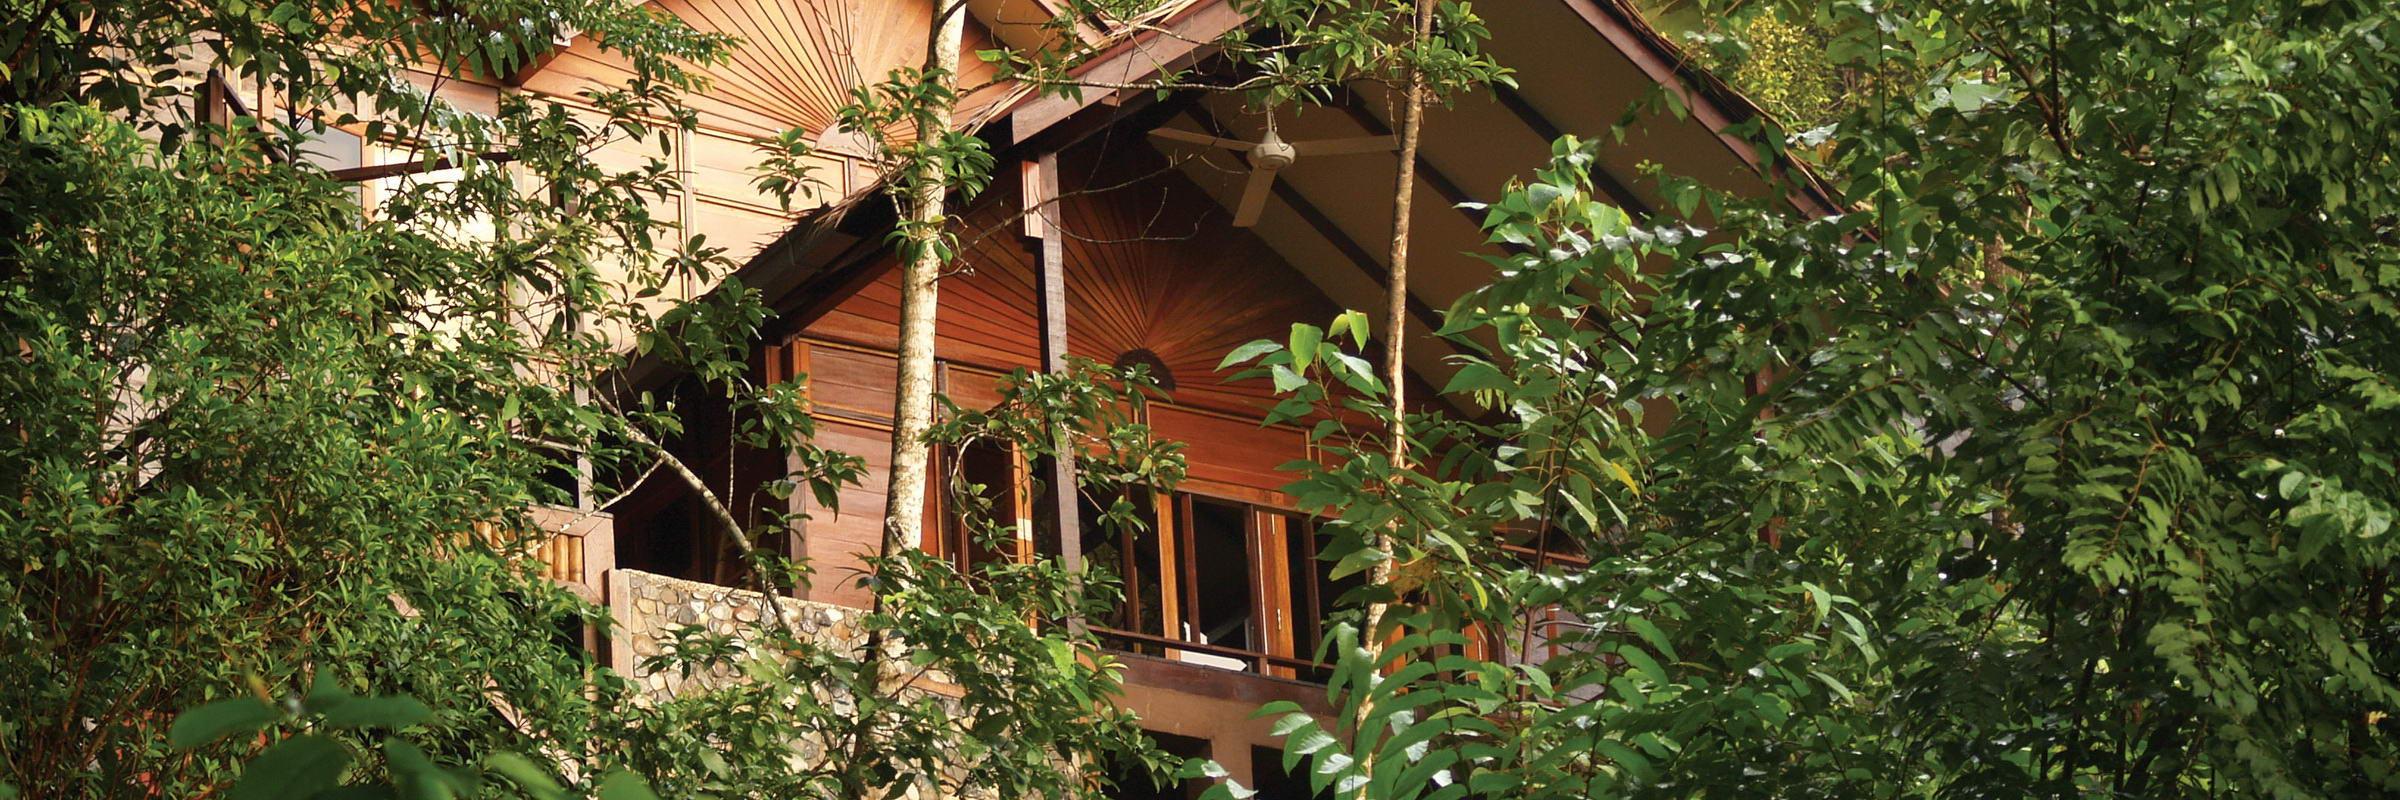 Das Hillside Sarang (65qm) ist zweistöckig an eine Klippe gebaut und verfügt über eine Außendusche, ein Tauchbecken mit Whirlpool und ein Sonnenbett.